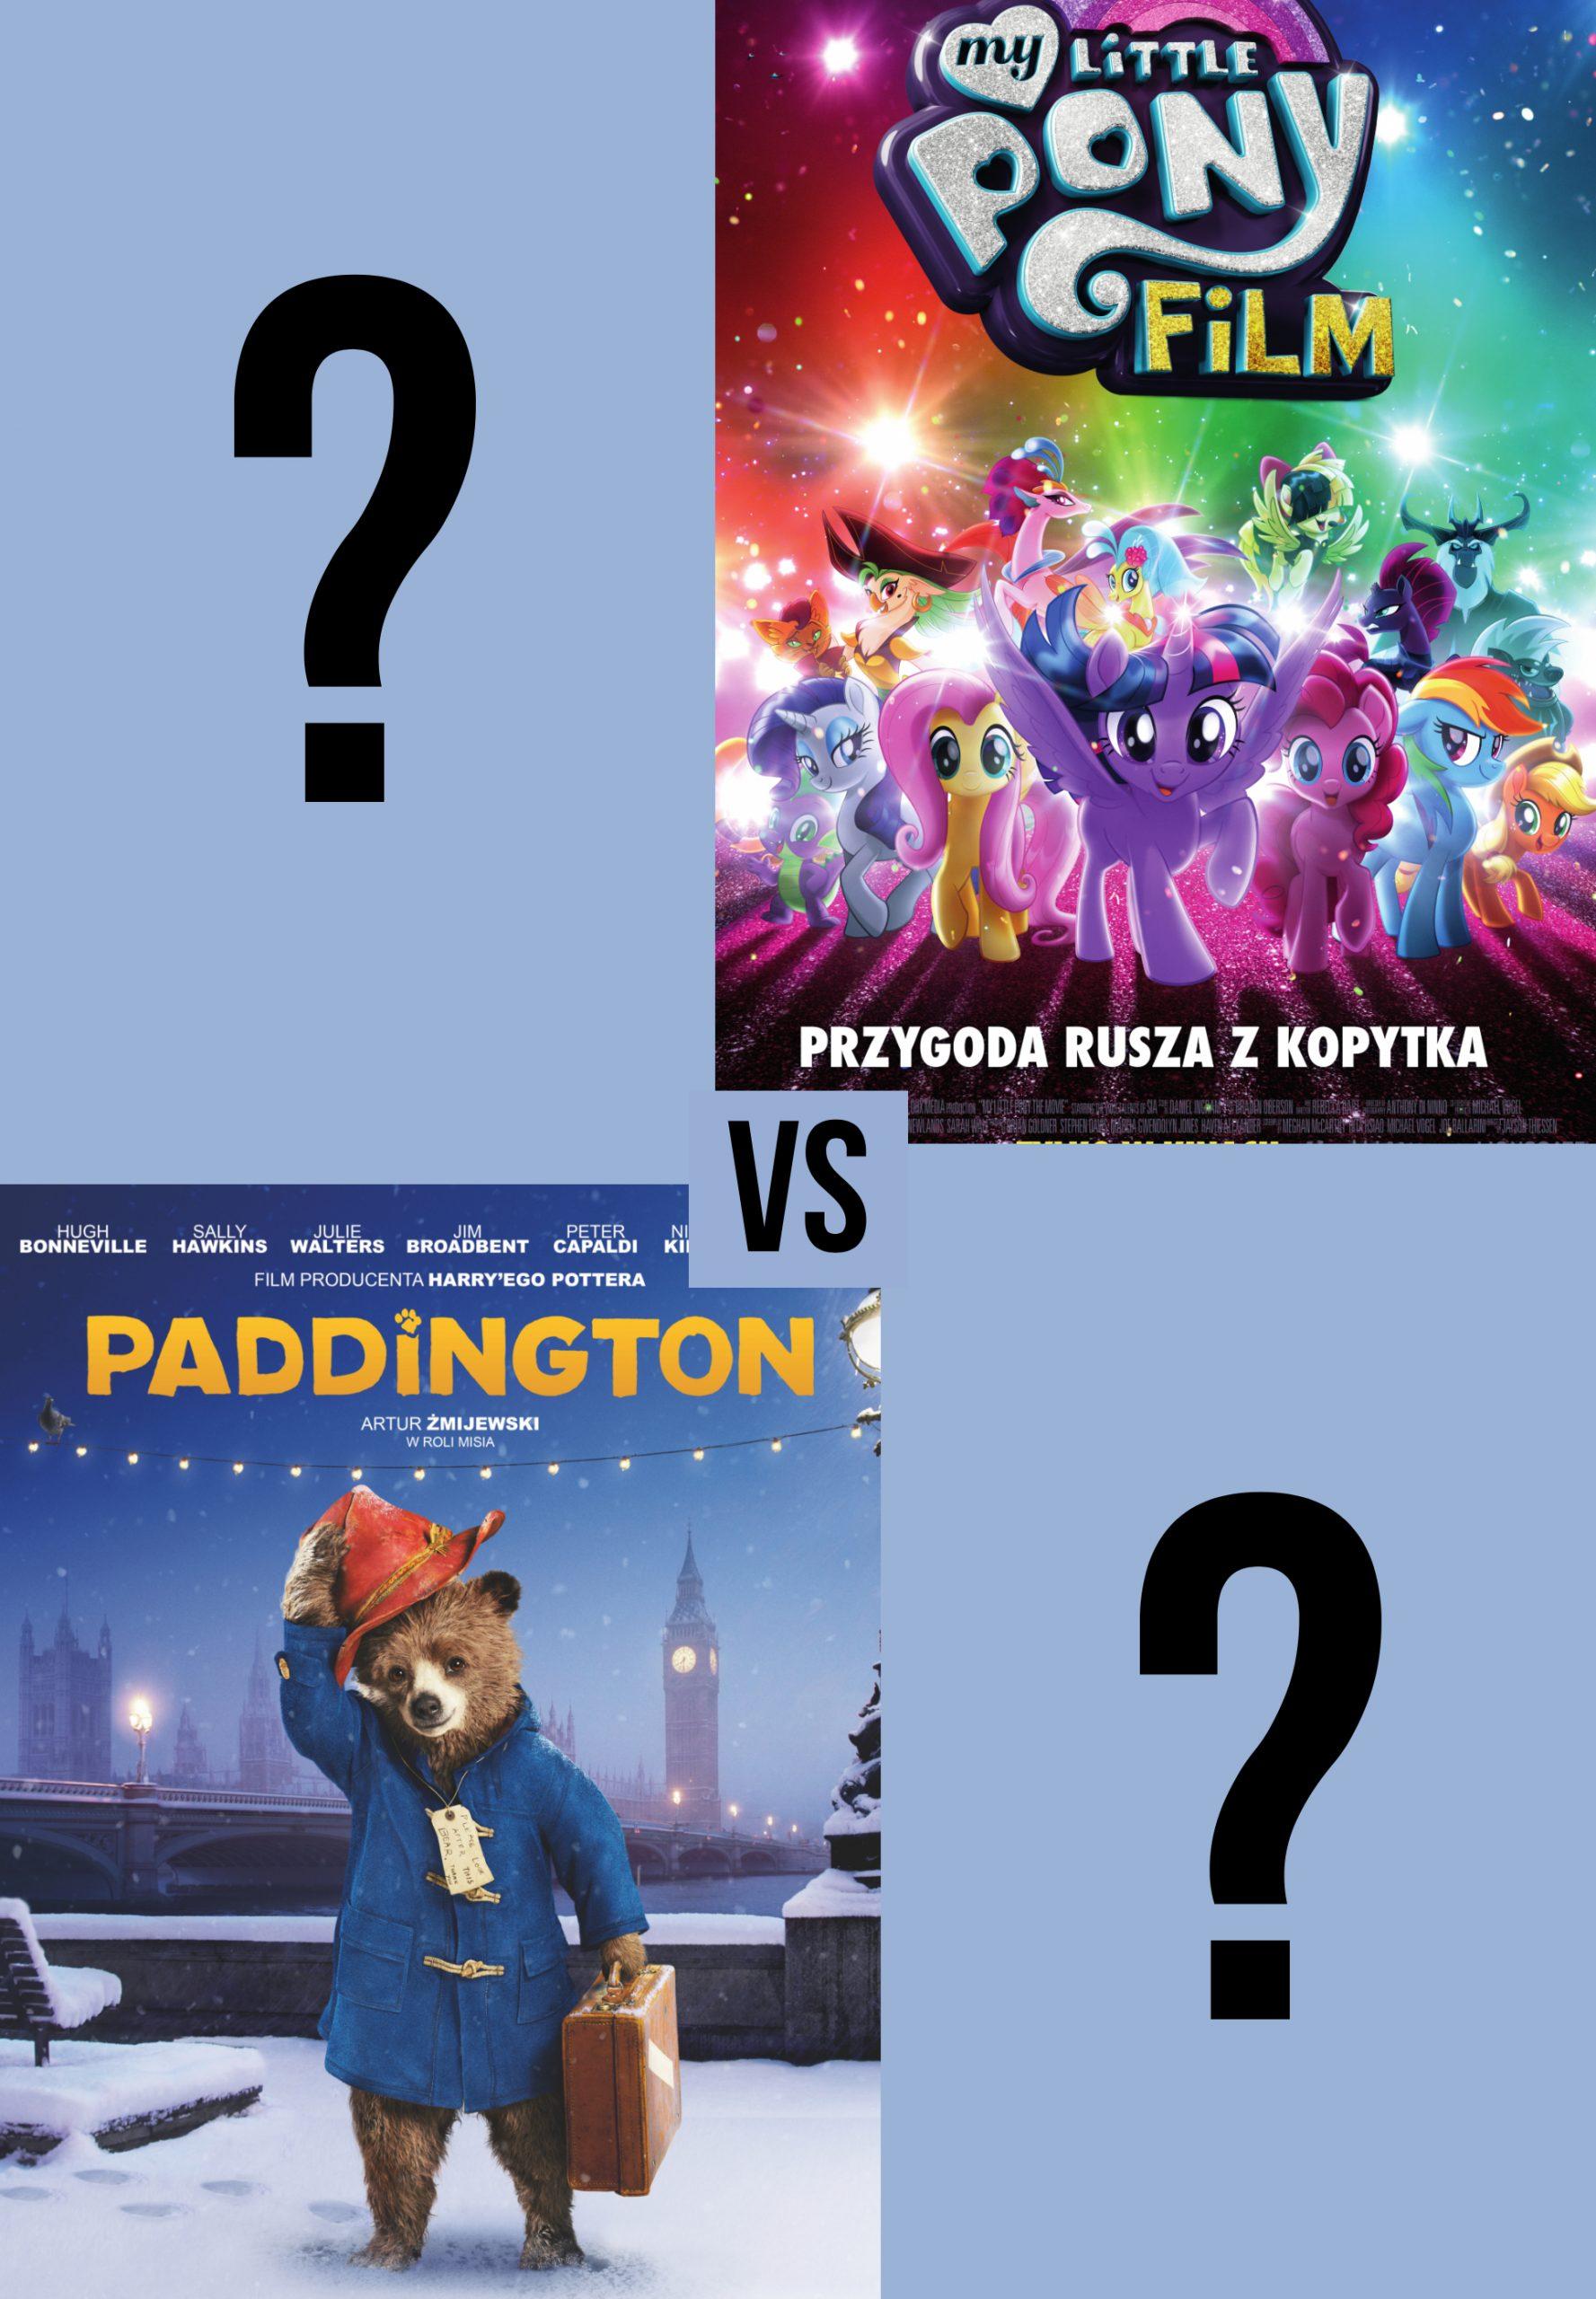 MLP vs Paddington plakat